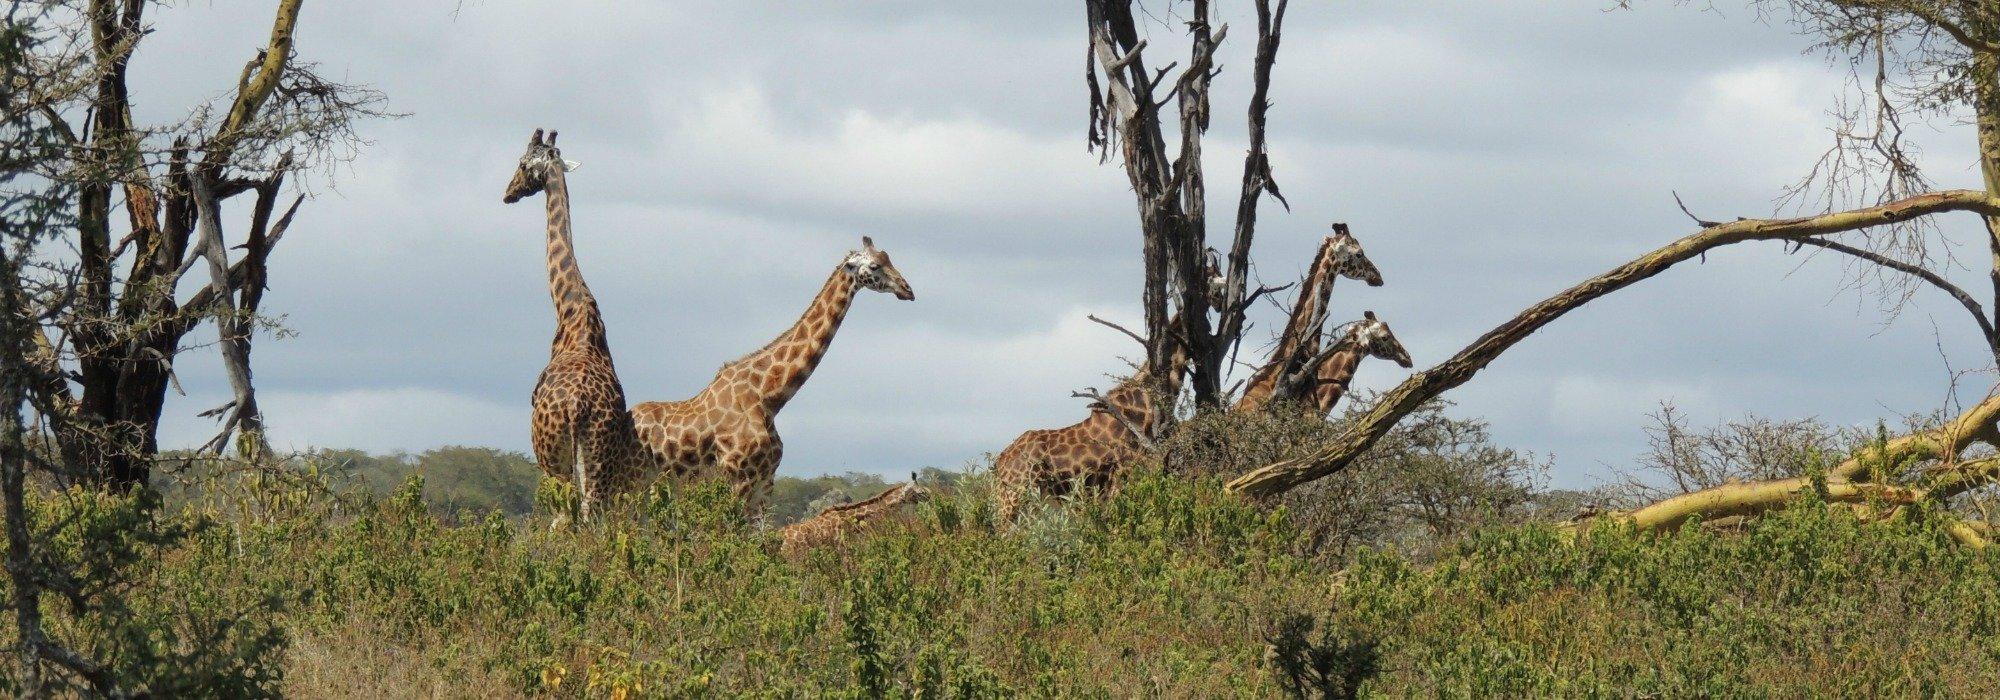 Zambian Safari